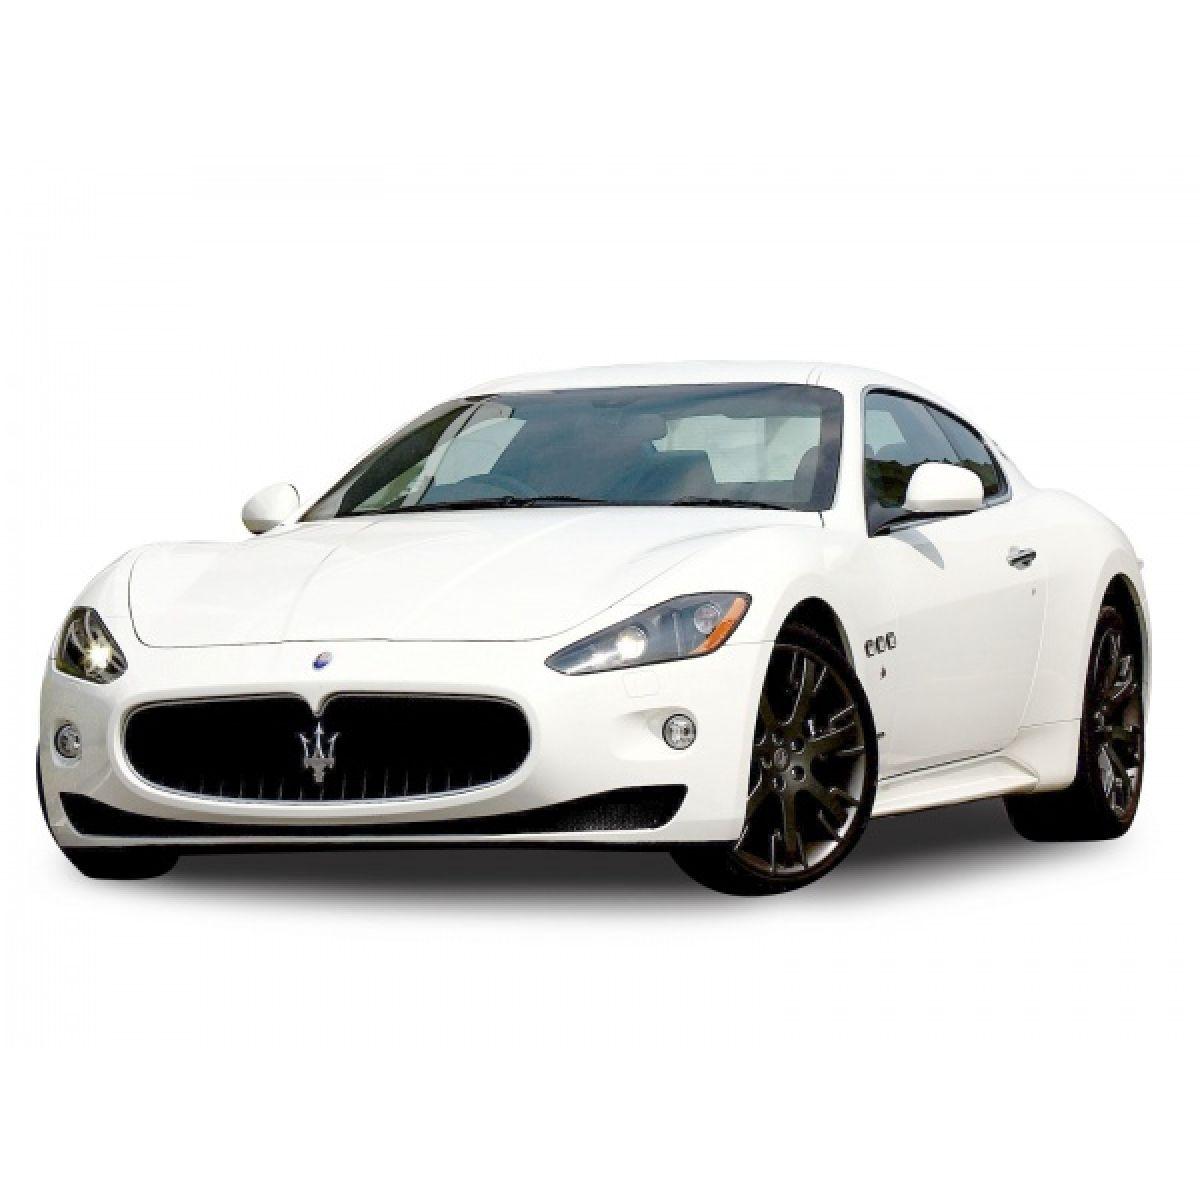 RC Maserati GranTurismo MC 1:16